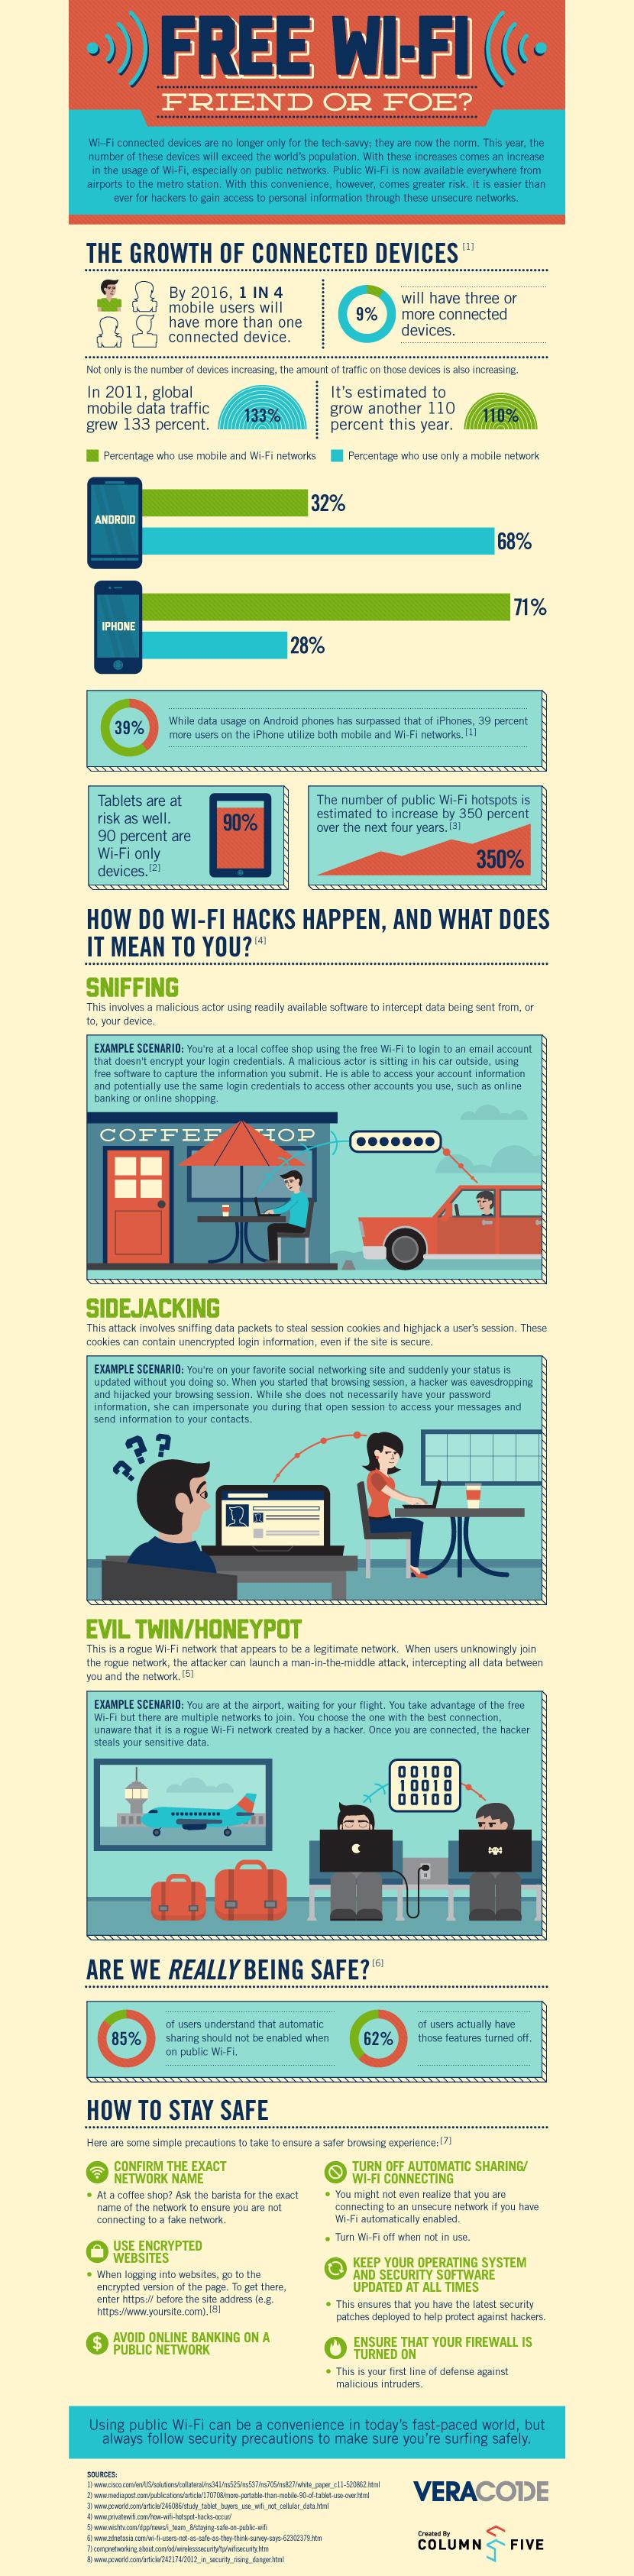 free-wifi-wireless-friend-foe